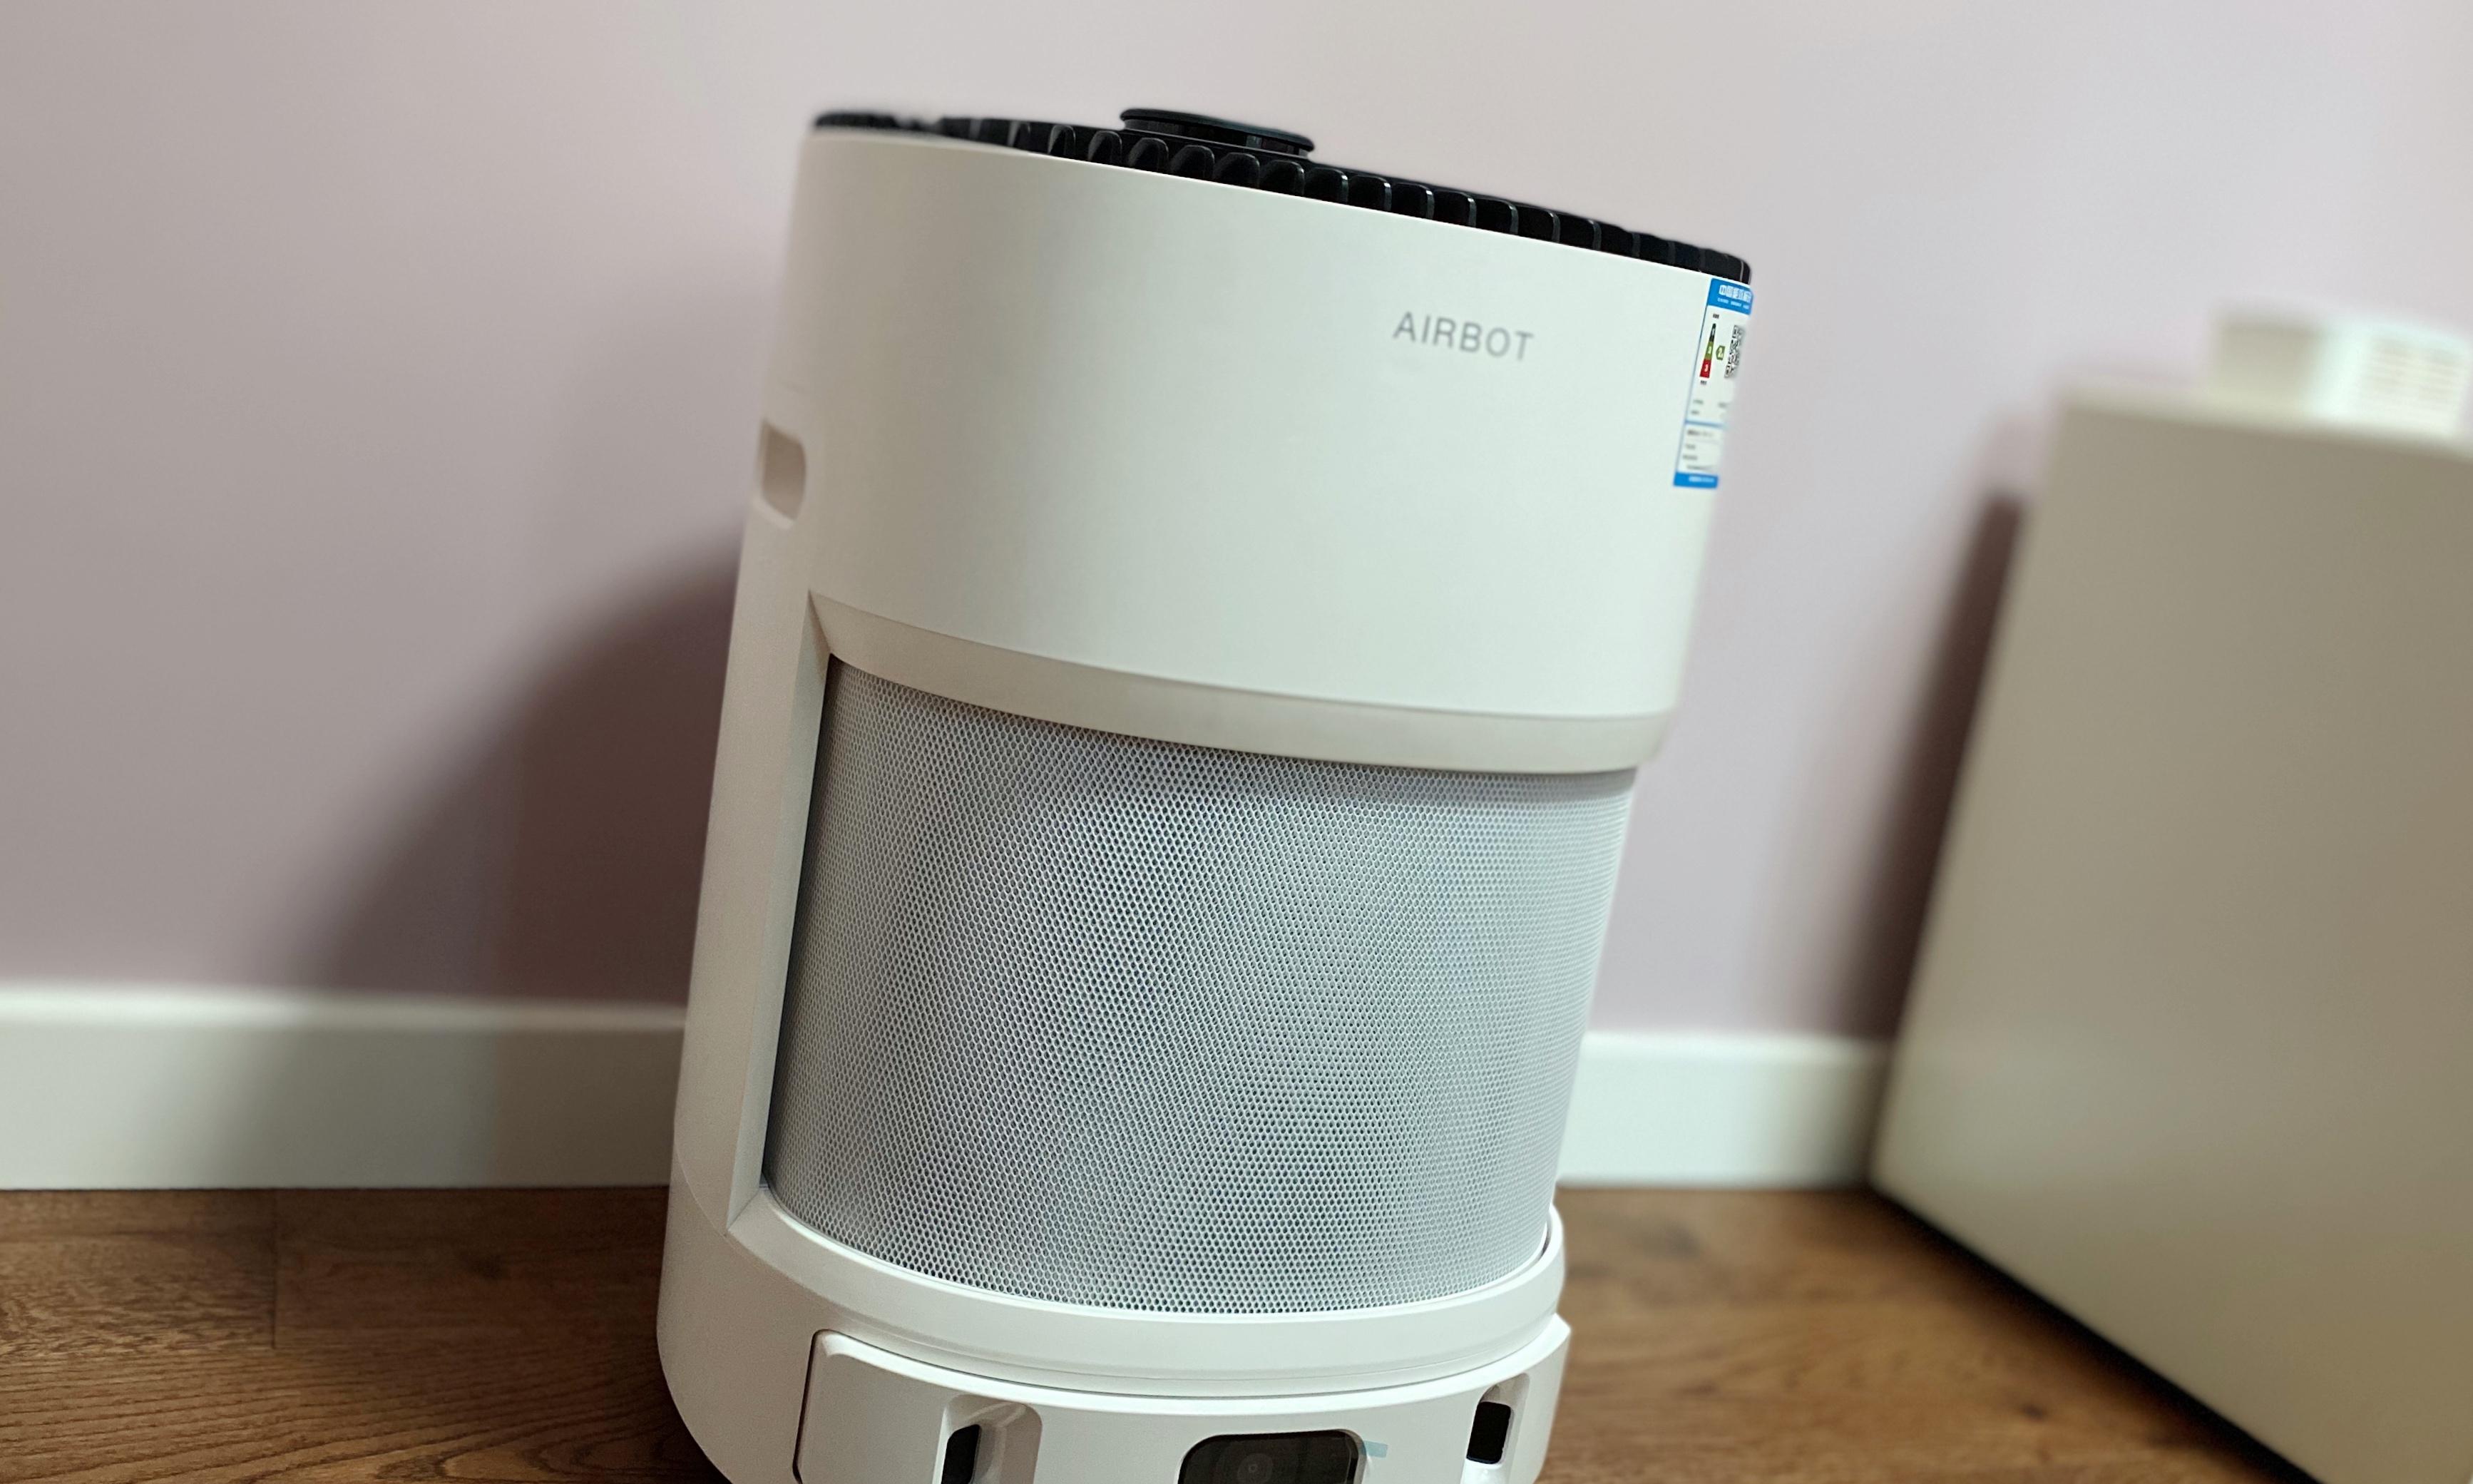 科沃斯空气净化机器人沁宝AIRBOT Andy体验:物联网时代的智能空气管家